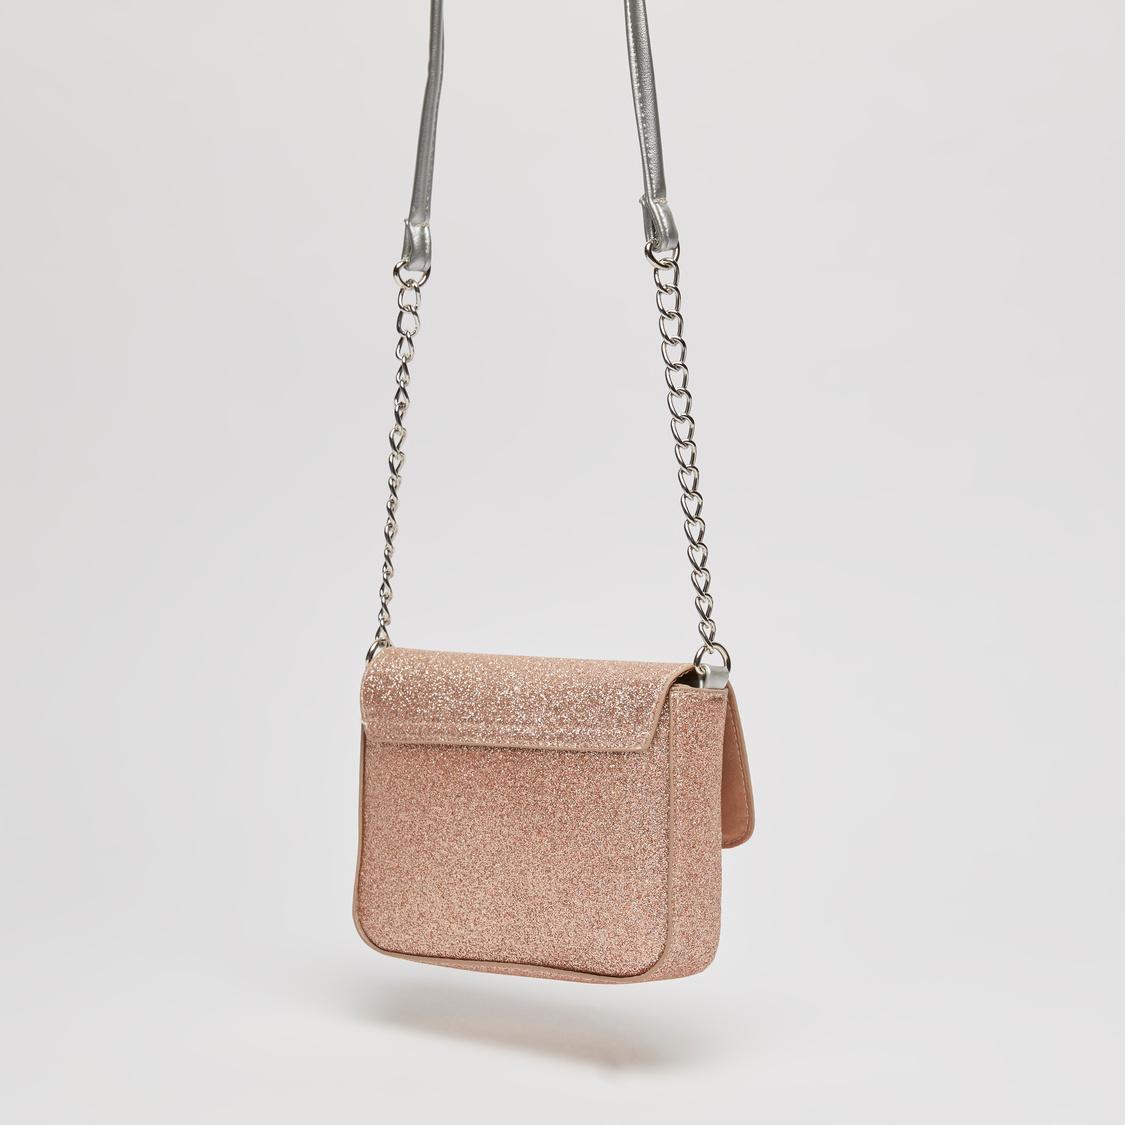 Embellished Crossbody Bag with Metallic Chain